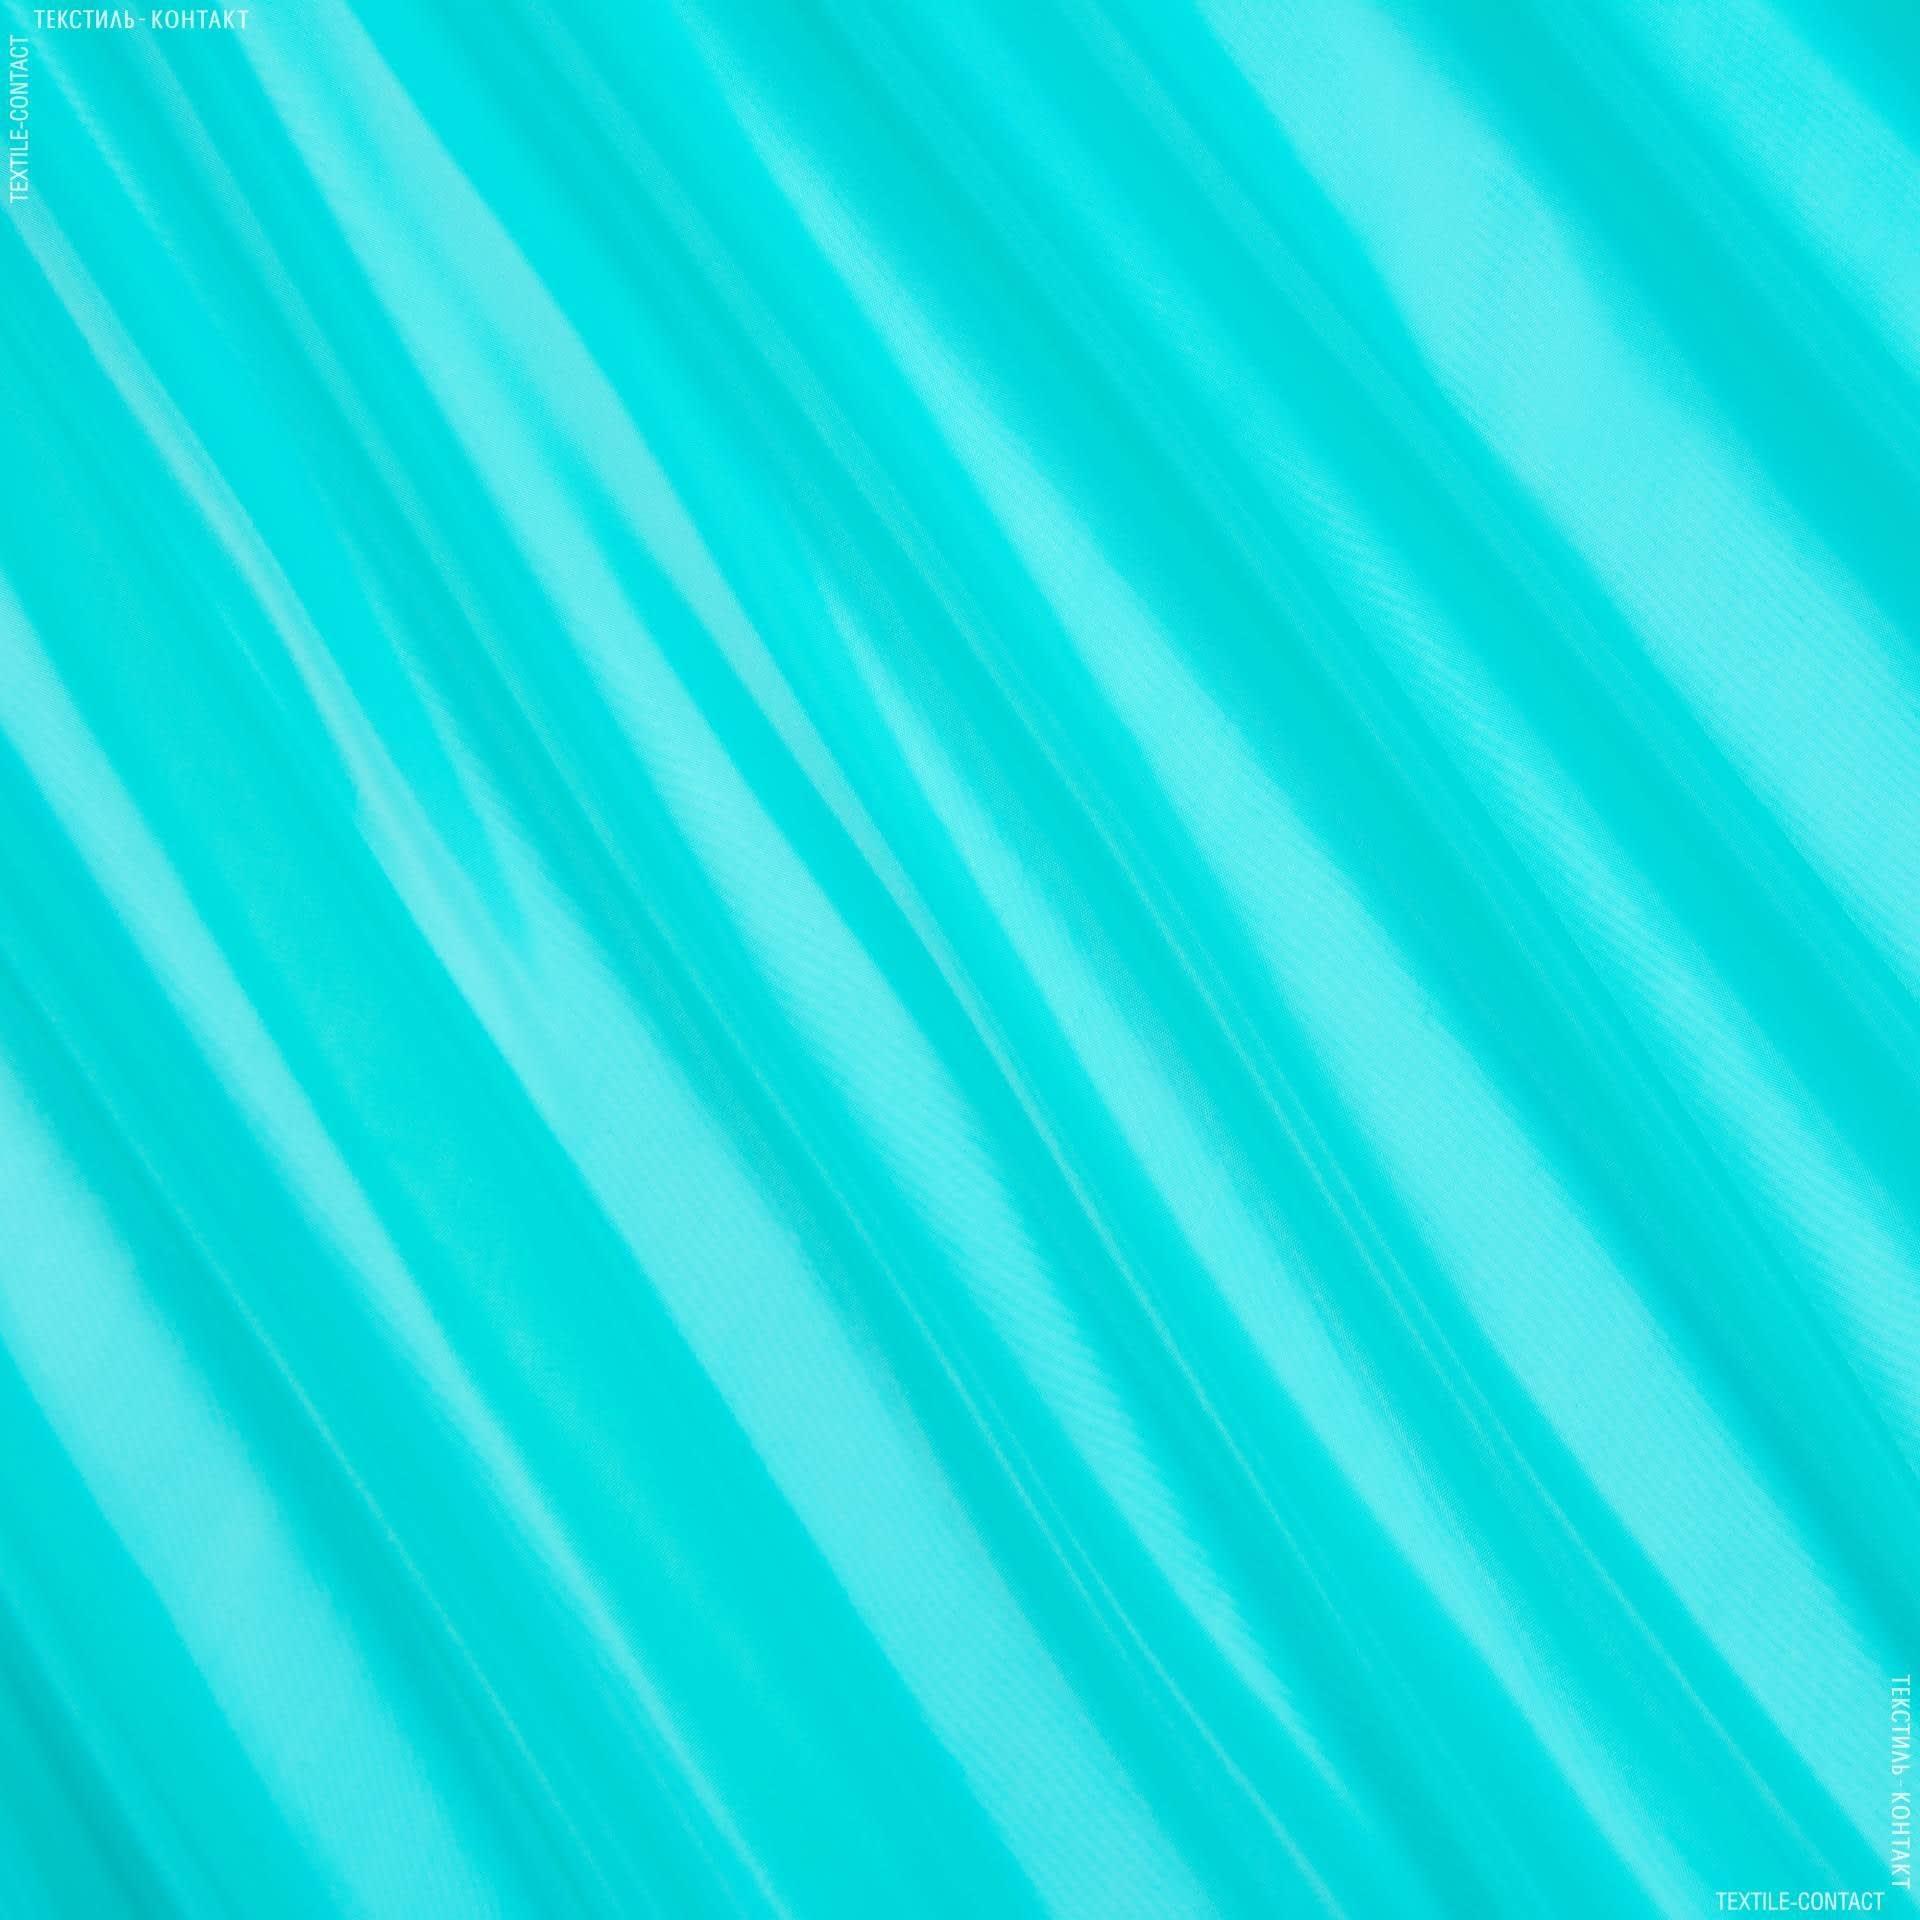 Тканини підкладкова тканина - Підкладка 190т світло-бірюзовий